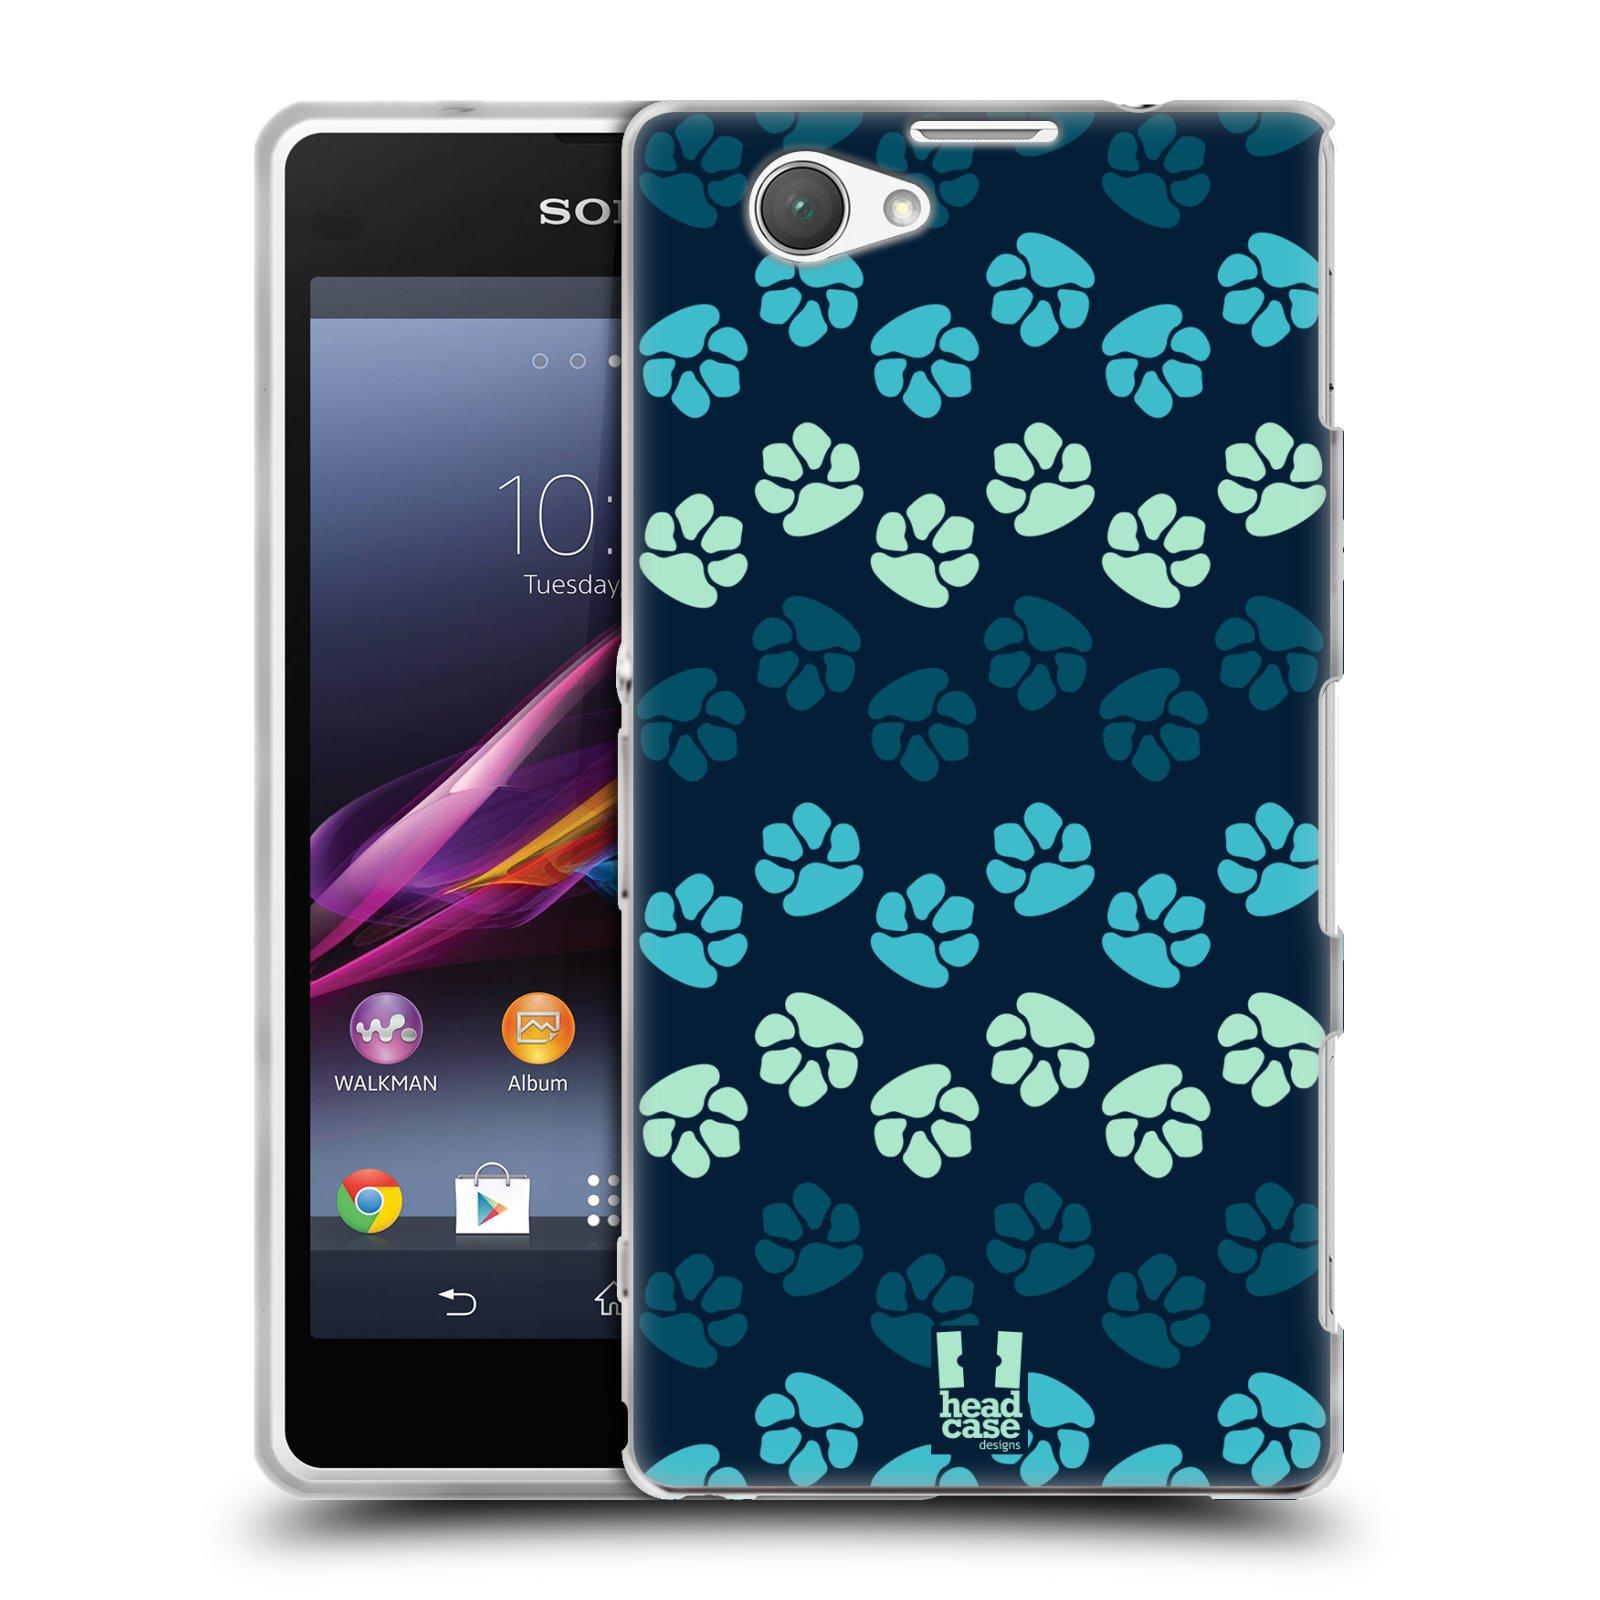 Silikonové pouzdro na mobil Sony Xperia Z1 Compact D5503 HEAD CASE TLAPKY MODRÉ (Silikonový kryt či obal na mobilní telefon Sony Xperia Z1 Compact)